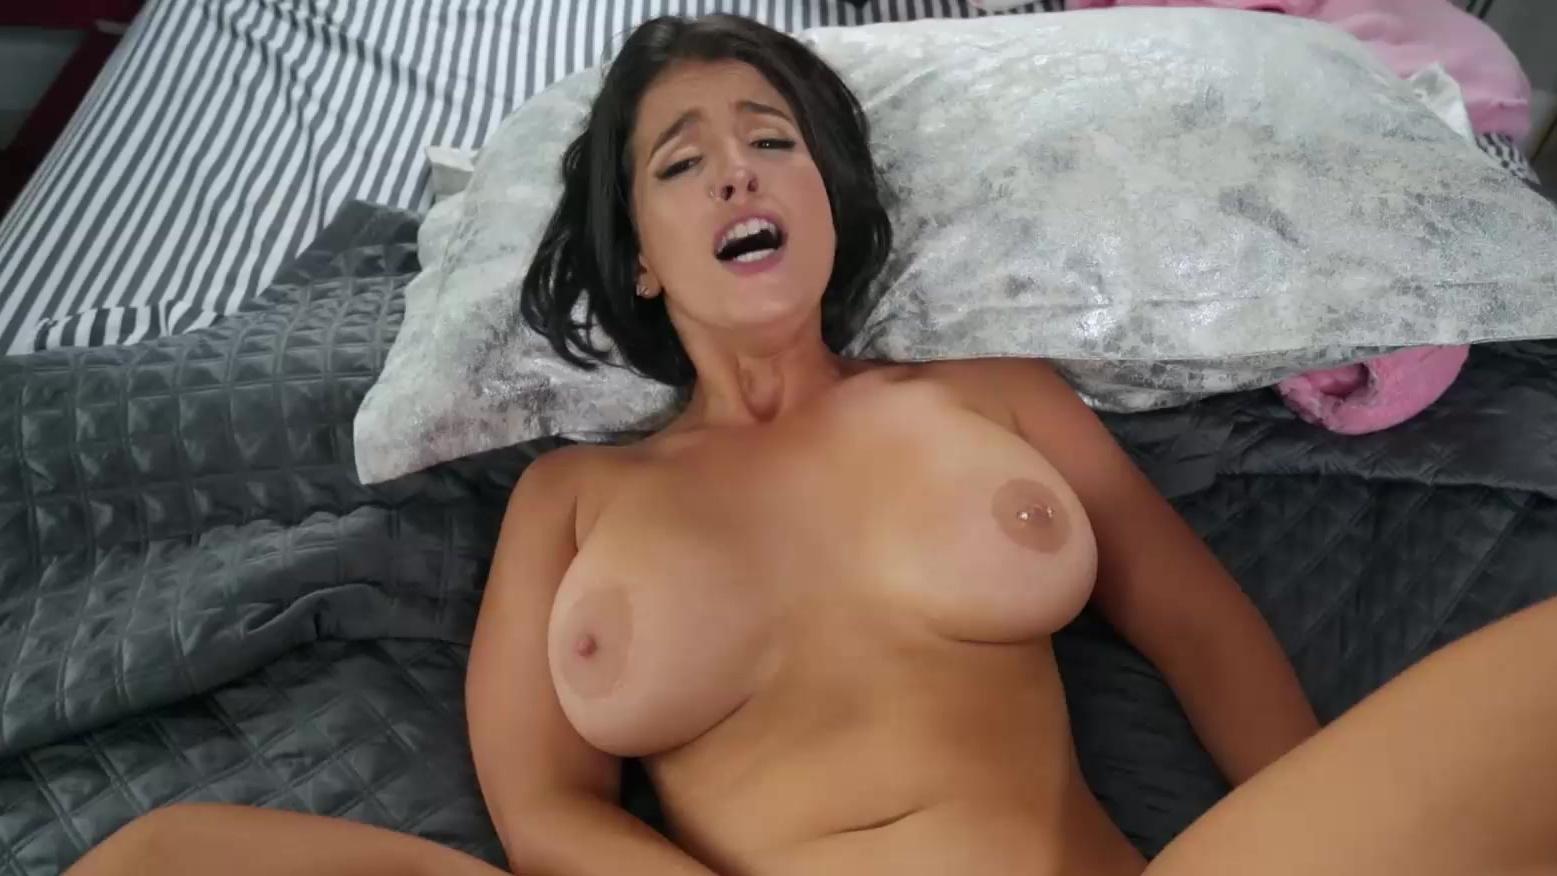 Fucking Stripper The Ass